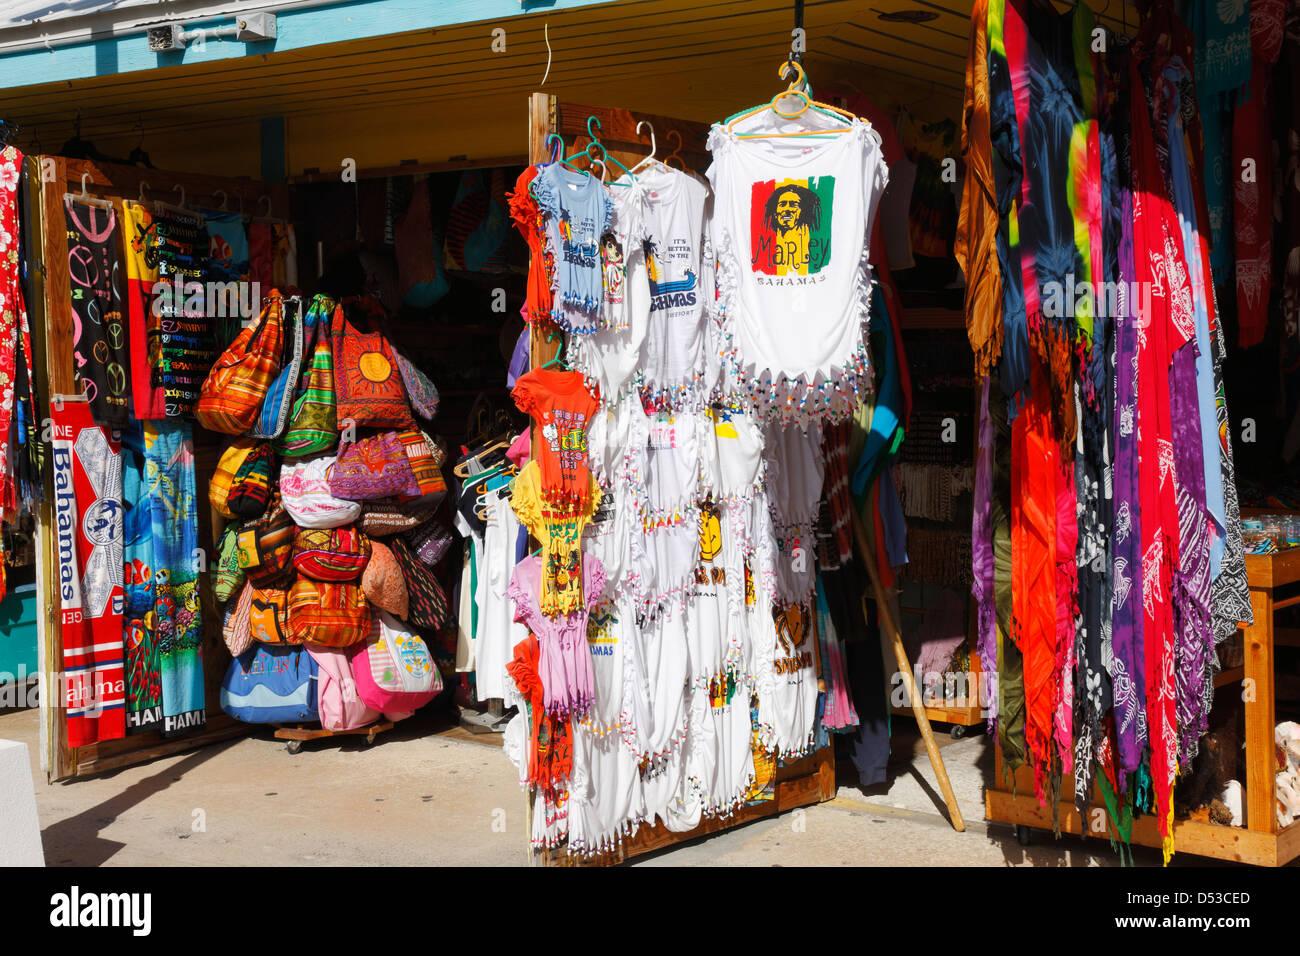 Straw market. Freeport - Bahamas - Stock Image